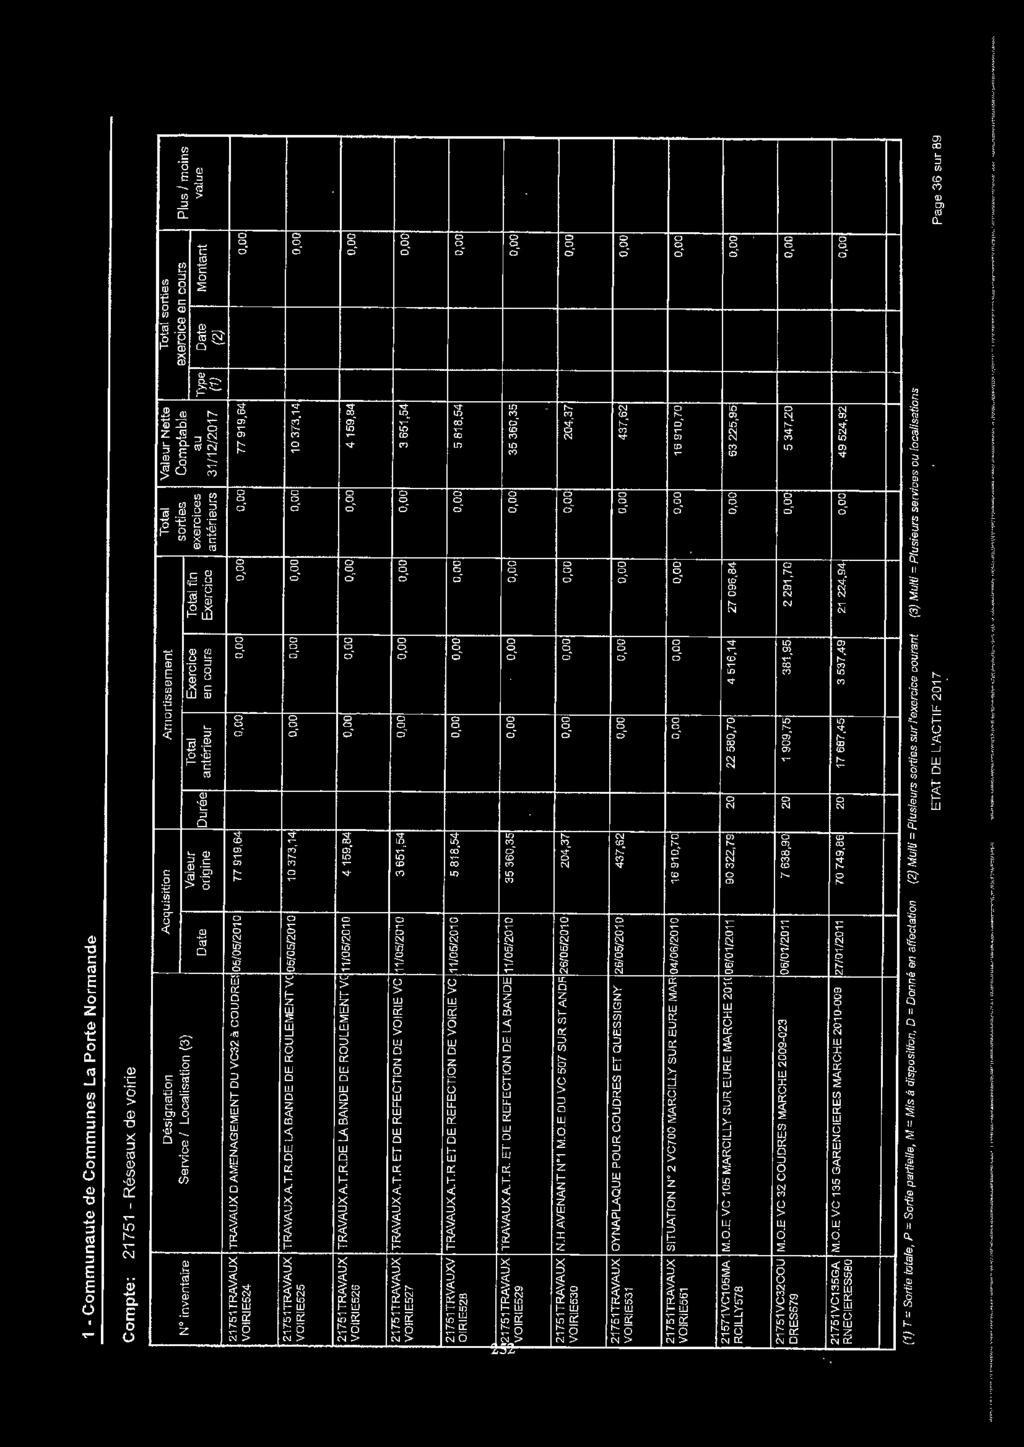 73 Schème Stratifié Haute Pression Salle De Bain concernant Stratifié Haute Pression Salle De Bain